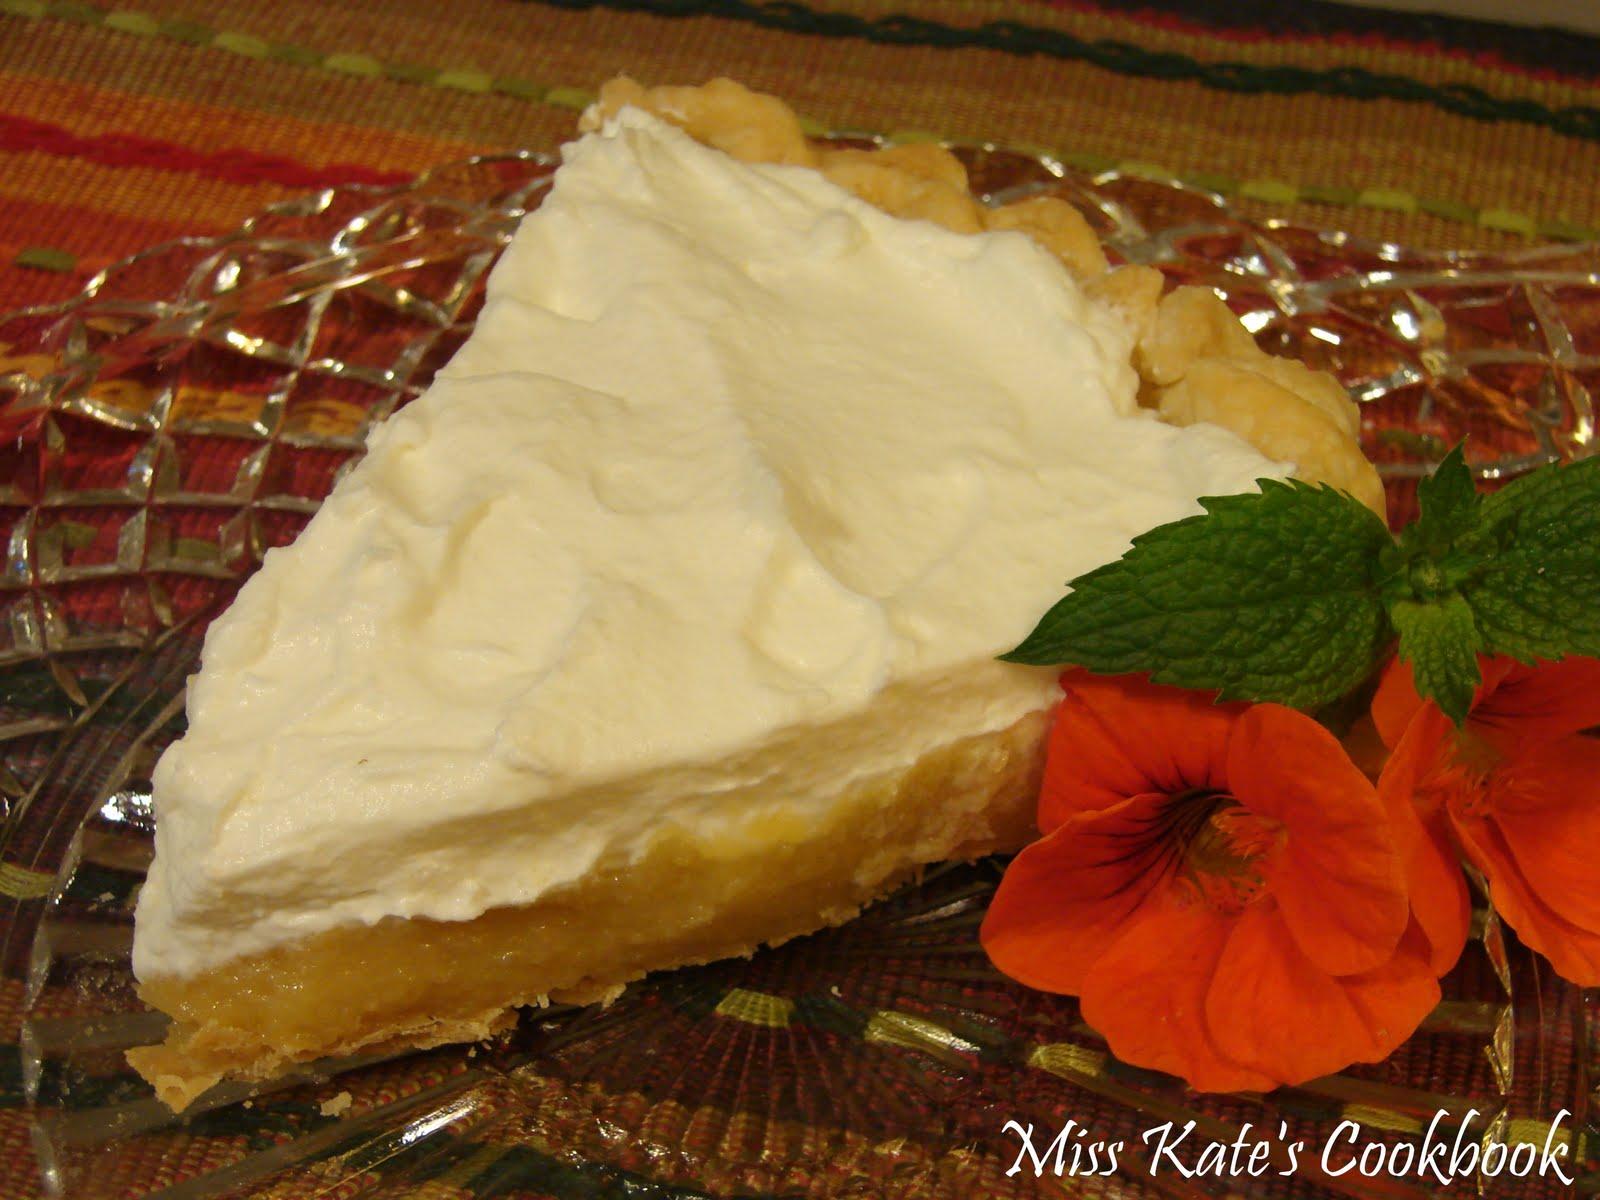 http://2.bp.blogspot.com/-AdPmUzCPp5o/TkSZdEiBSdI/AAAAAAAAAPo/OD1ZoK6sXJI/s1600/Cantaloupe%2B038.jpg